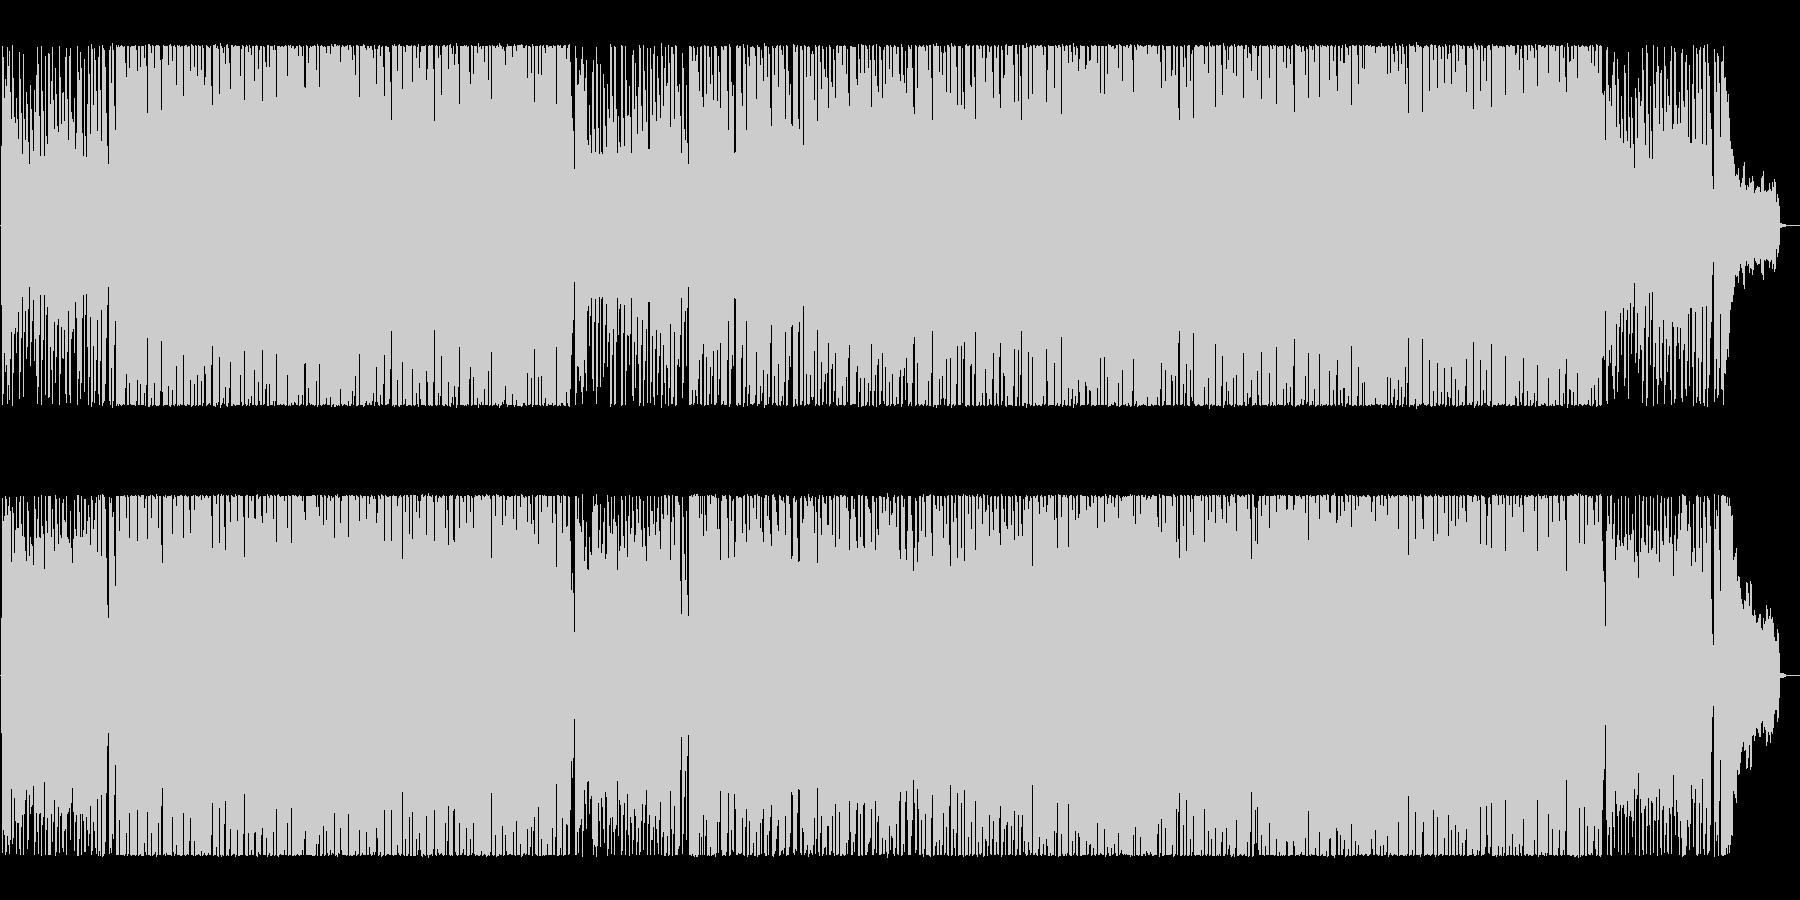 ノリの良い楽しいアコースティックBGM♪の未再生の波形